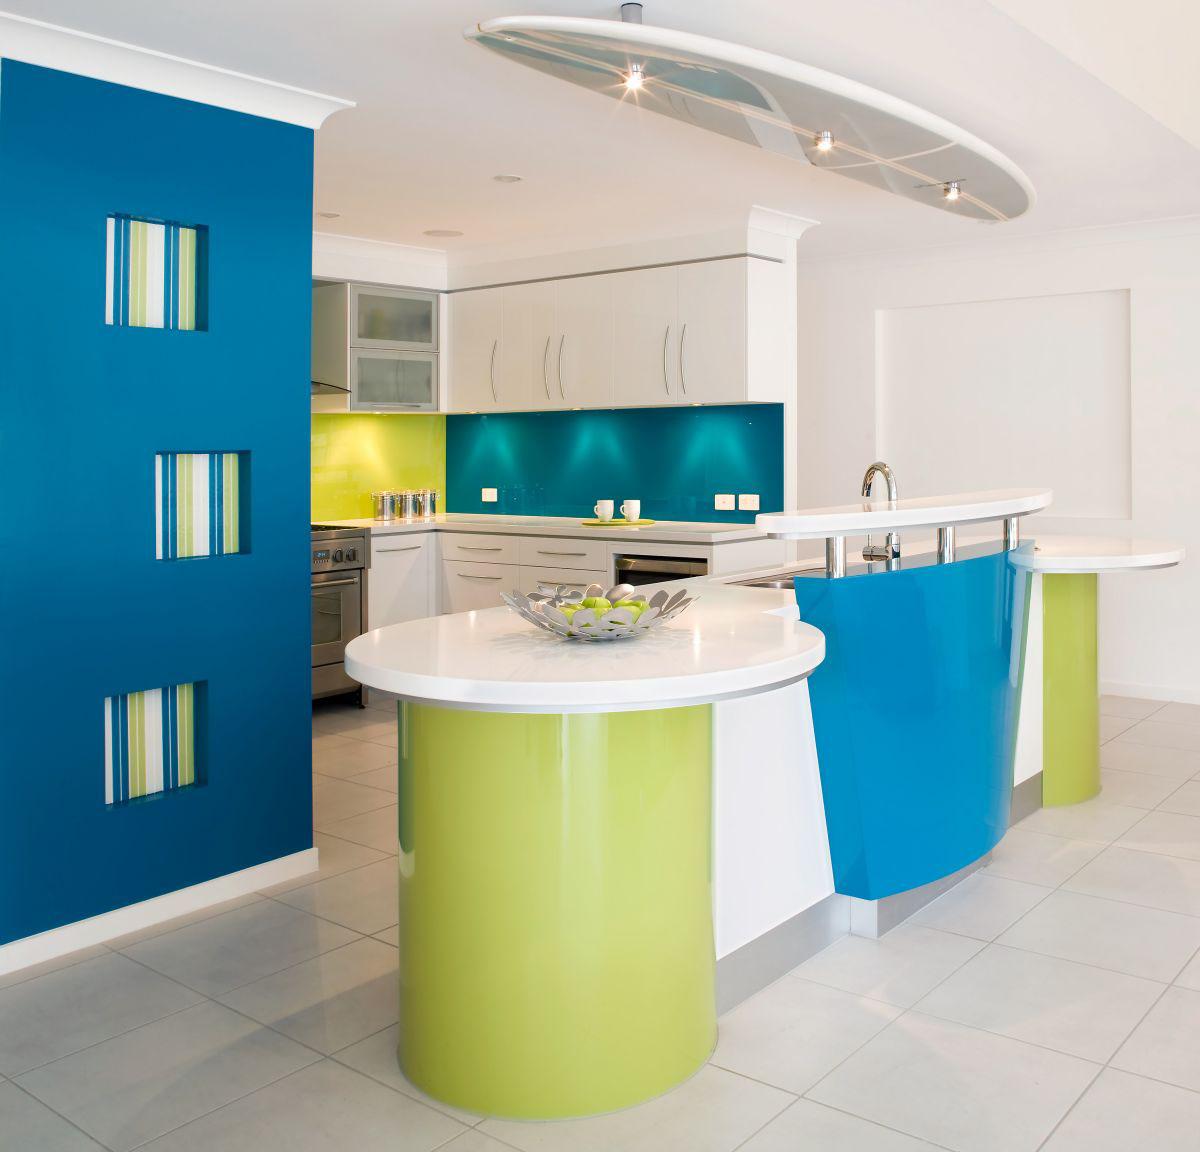 Vibrant Kitchen Design | iDesignArch | Interior Design, Architecture ...